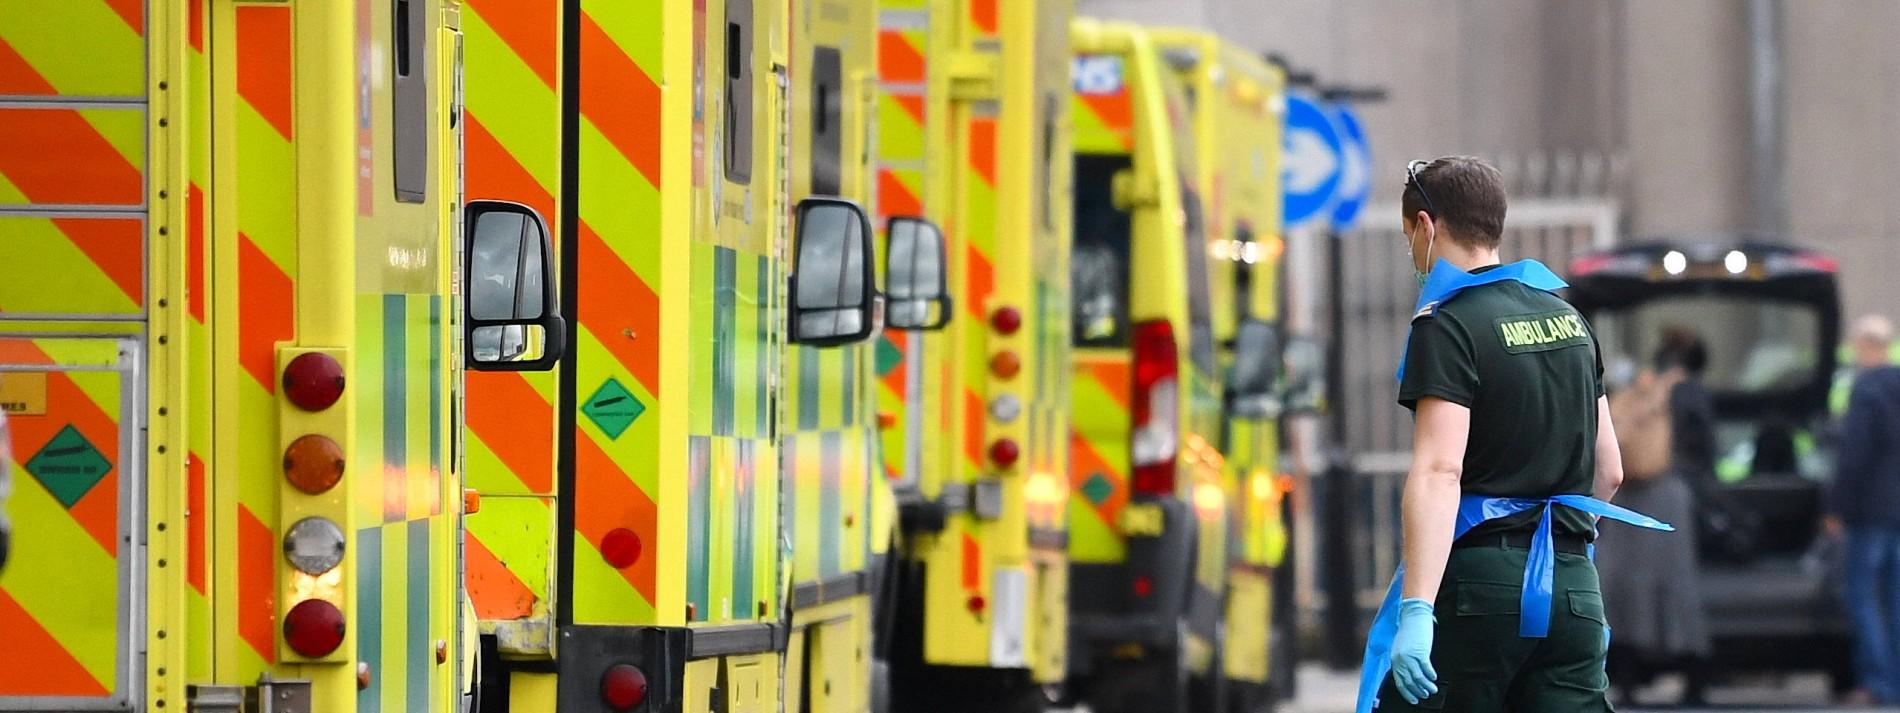 Britische Klinikbetreiber fürchten jahrelangen Patienten-Rückstau